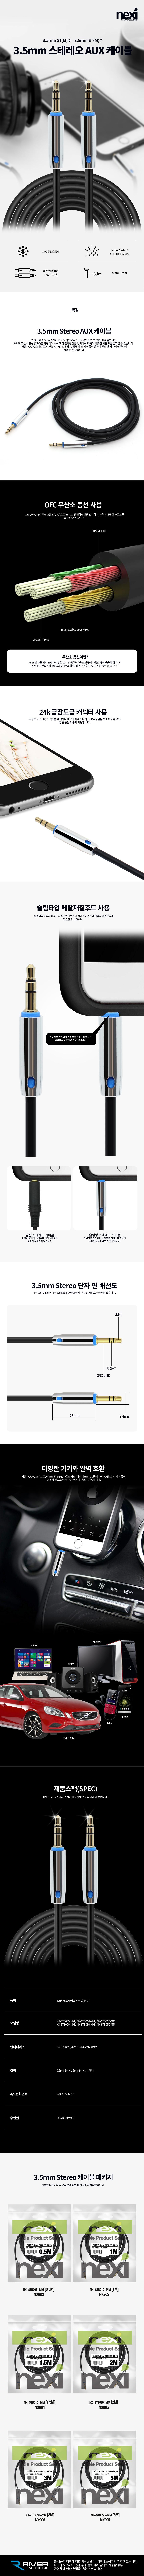 리버네트워크 NEXI 3.5mm 스테레오 AUX 케이블 (NX907, 5m)